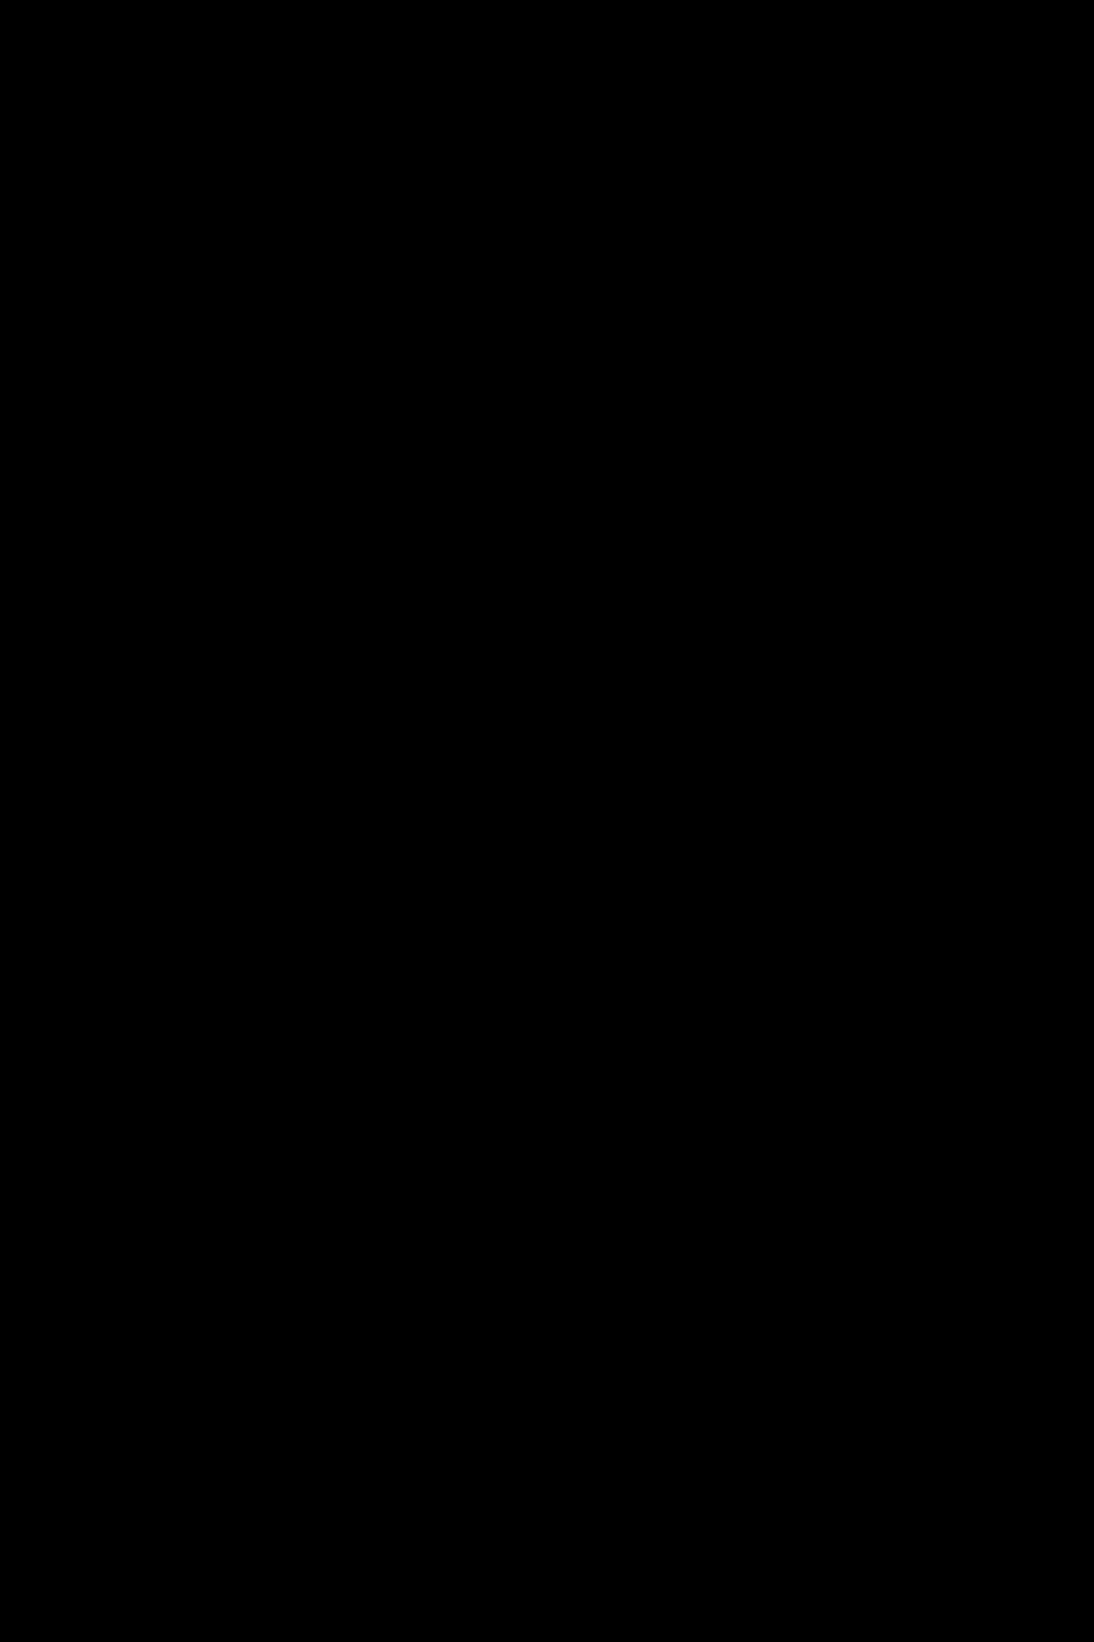 GÖTTI // MICRO SHAPES GARDIN / GAFIN